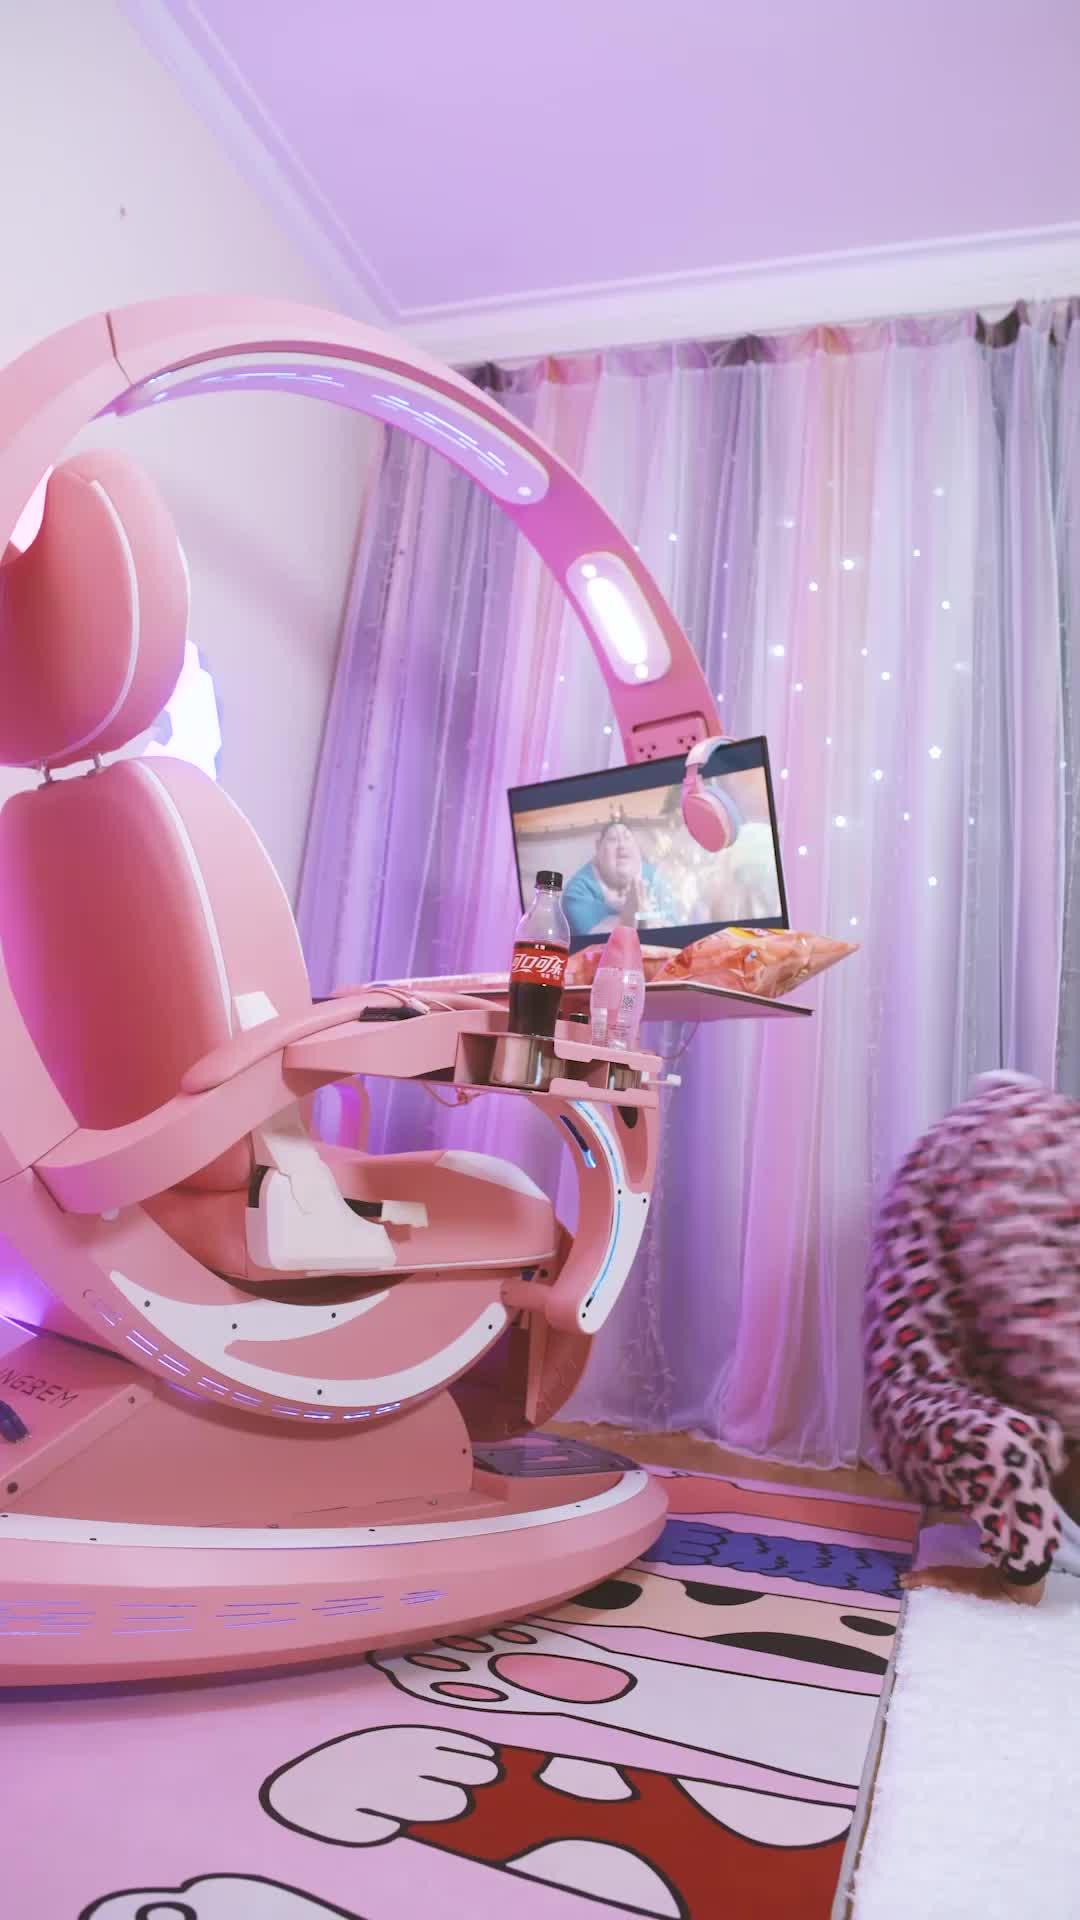 Ingrem PC Gaming Workstation Chair Luxury Pink Setup Ergonomic Chair